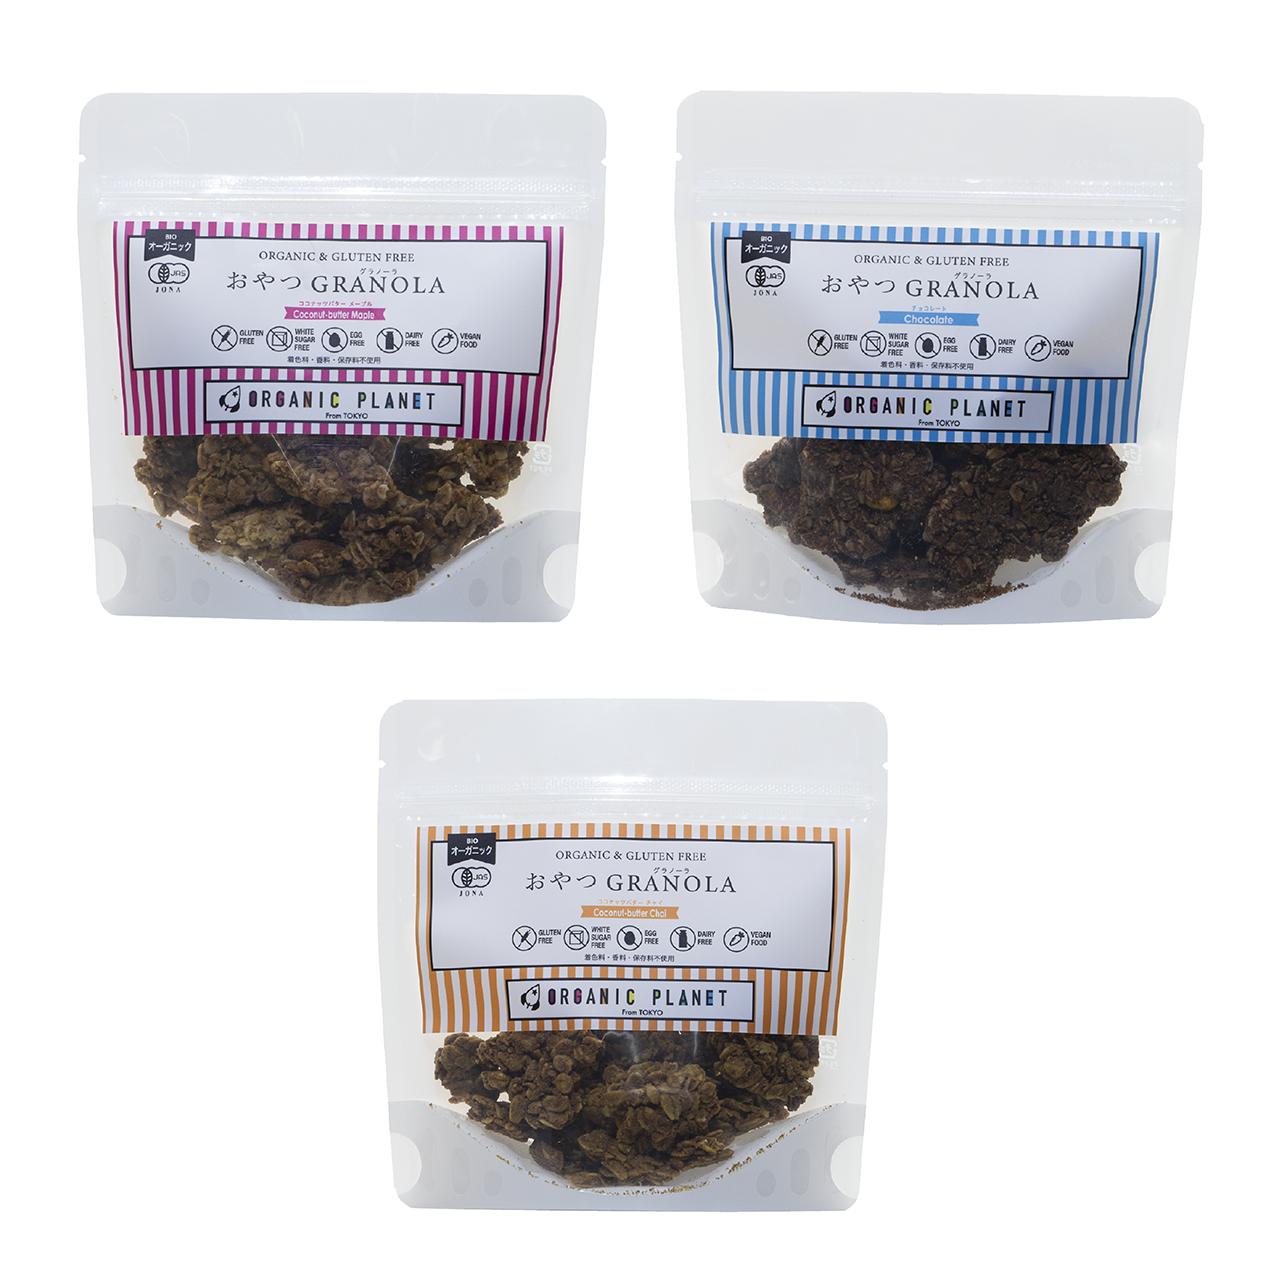 定期便 グルテンフリー グラノーラ ミックスA(ココナッツバターメープル2個+チョコレート2個+ココナッツバターチャイ2個)